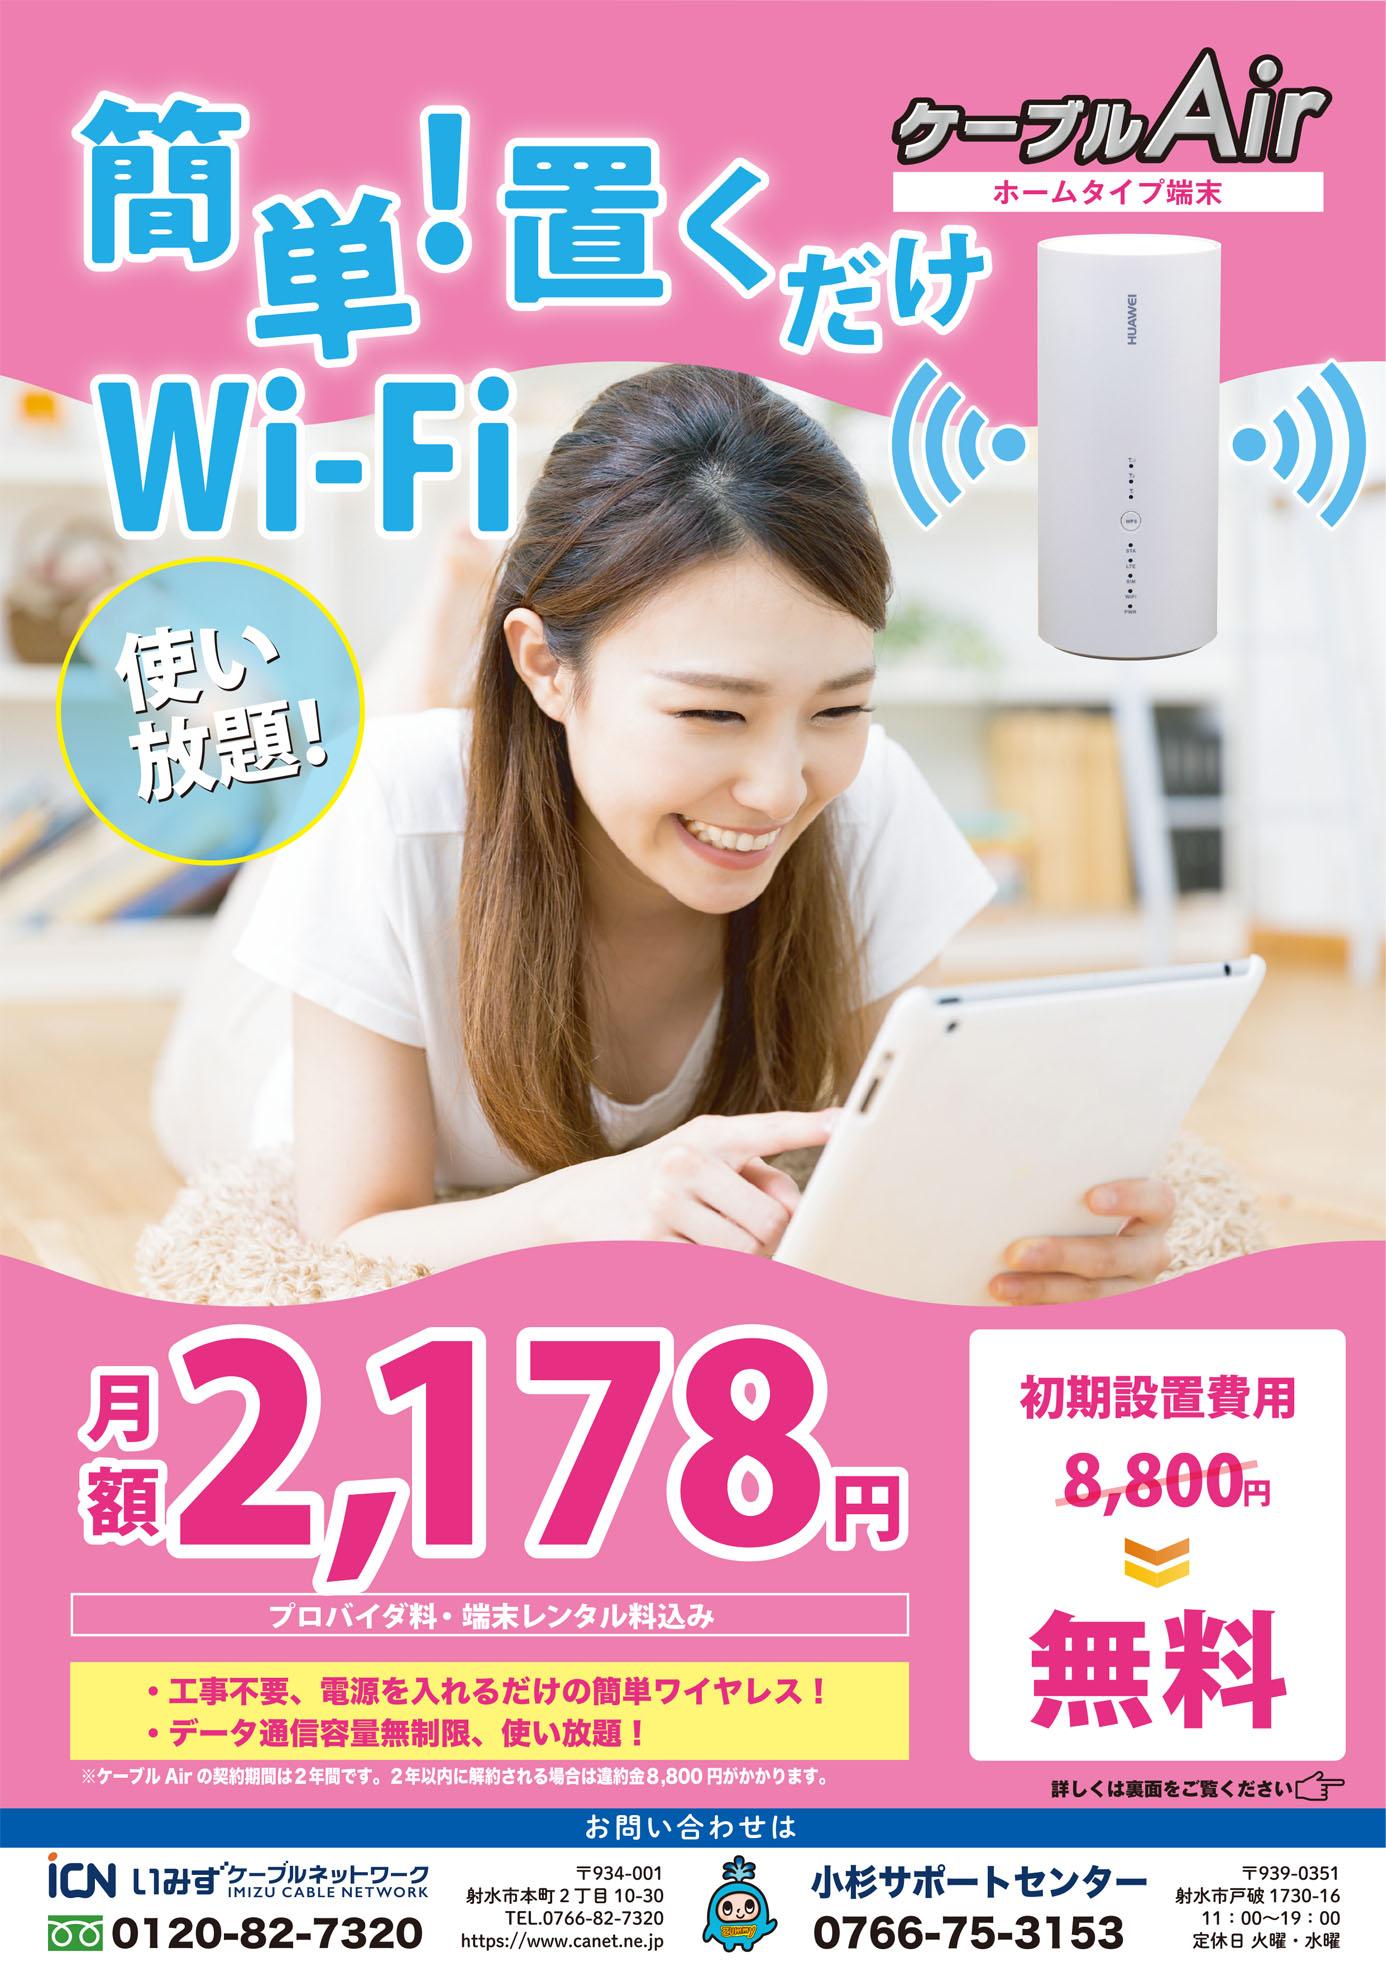 簡単!置くだけ!Wi-Fi!使い放題!ケーブルAirホームタイプ。